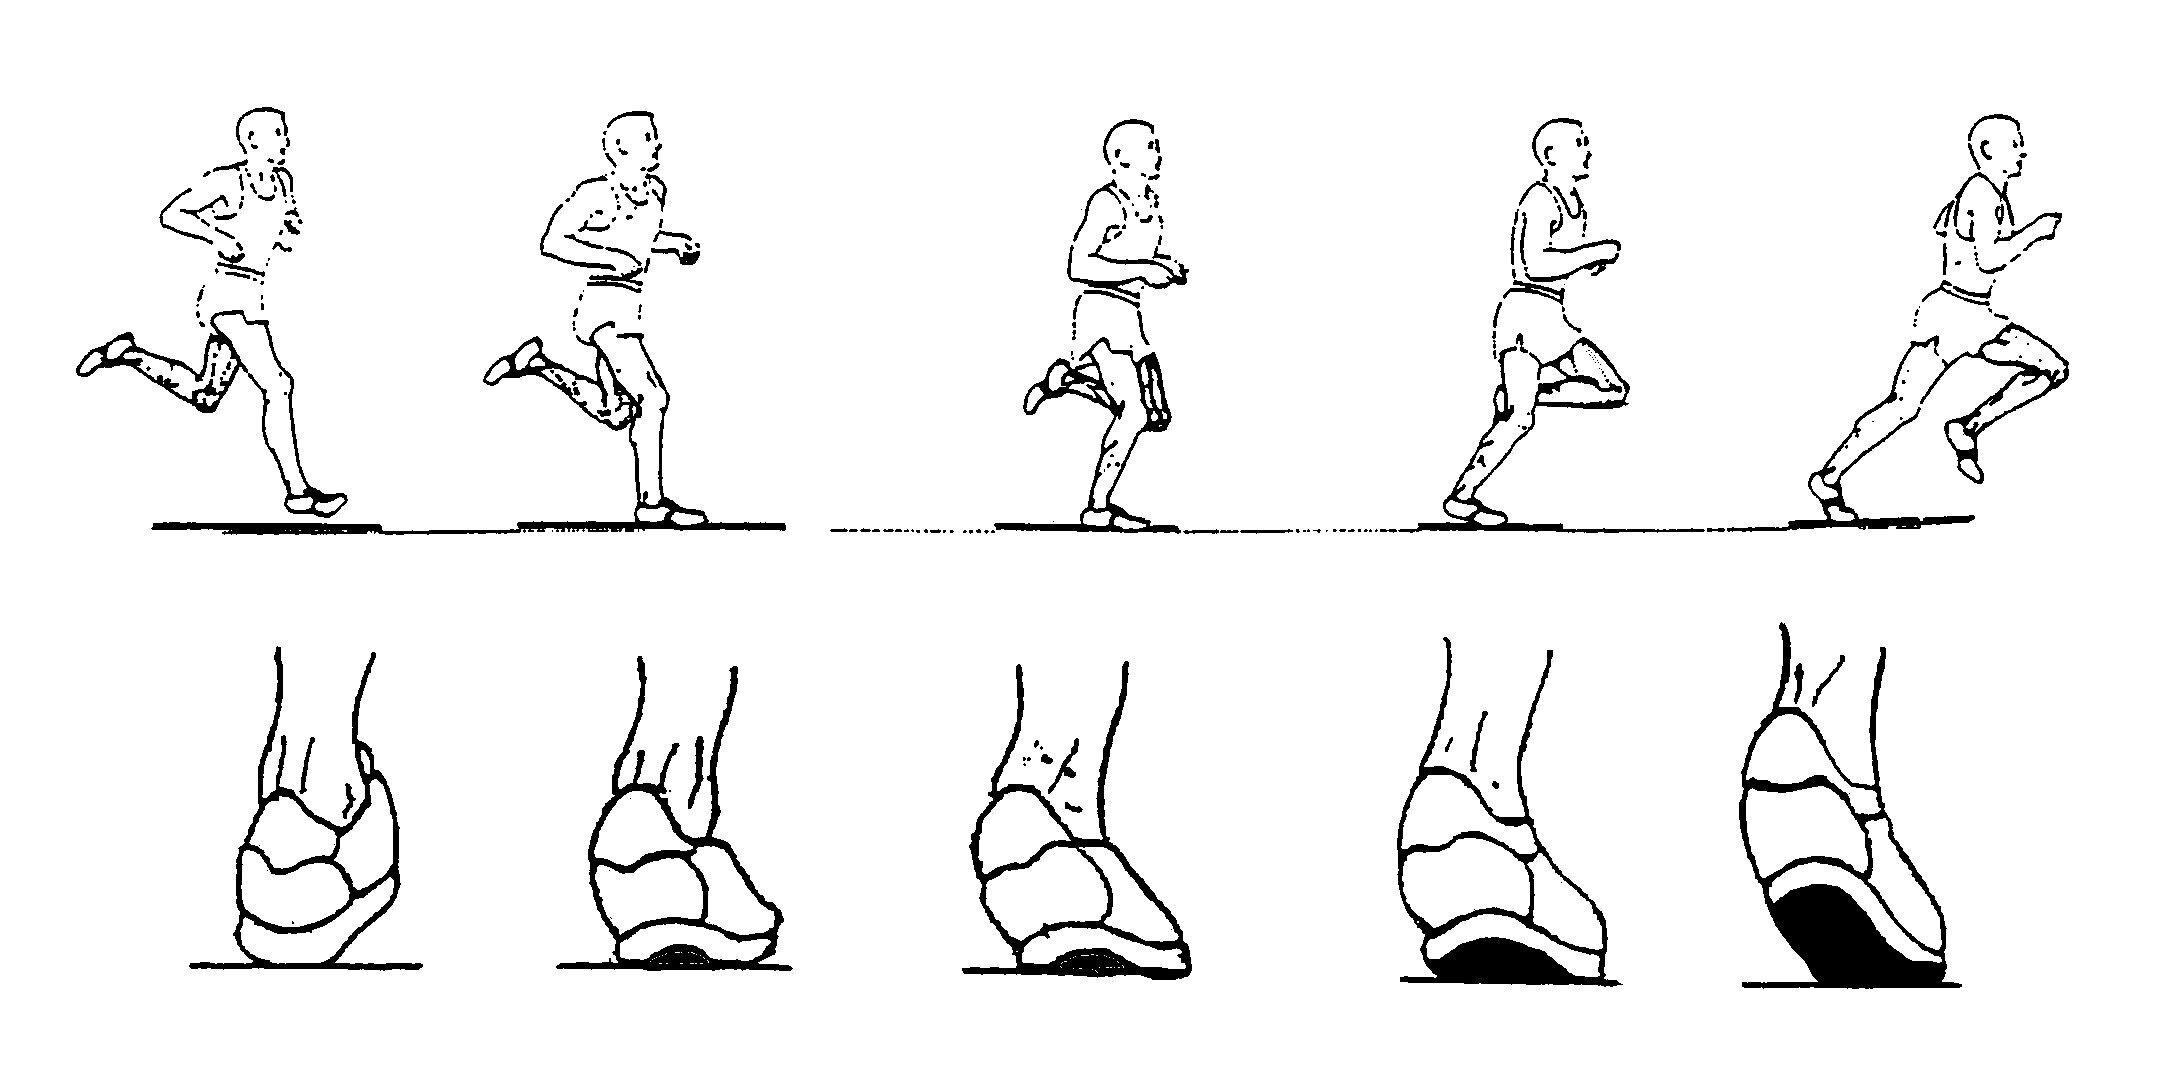 Runner's Foot Strike